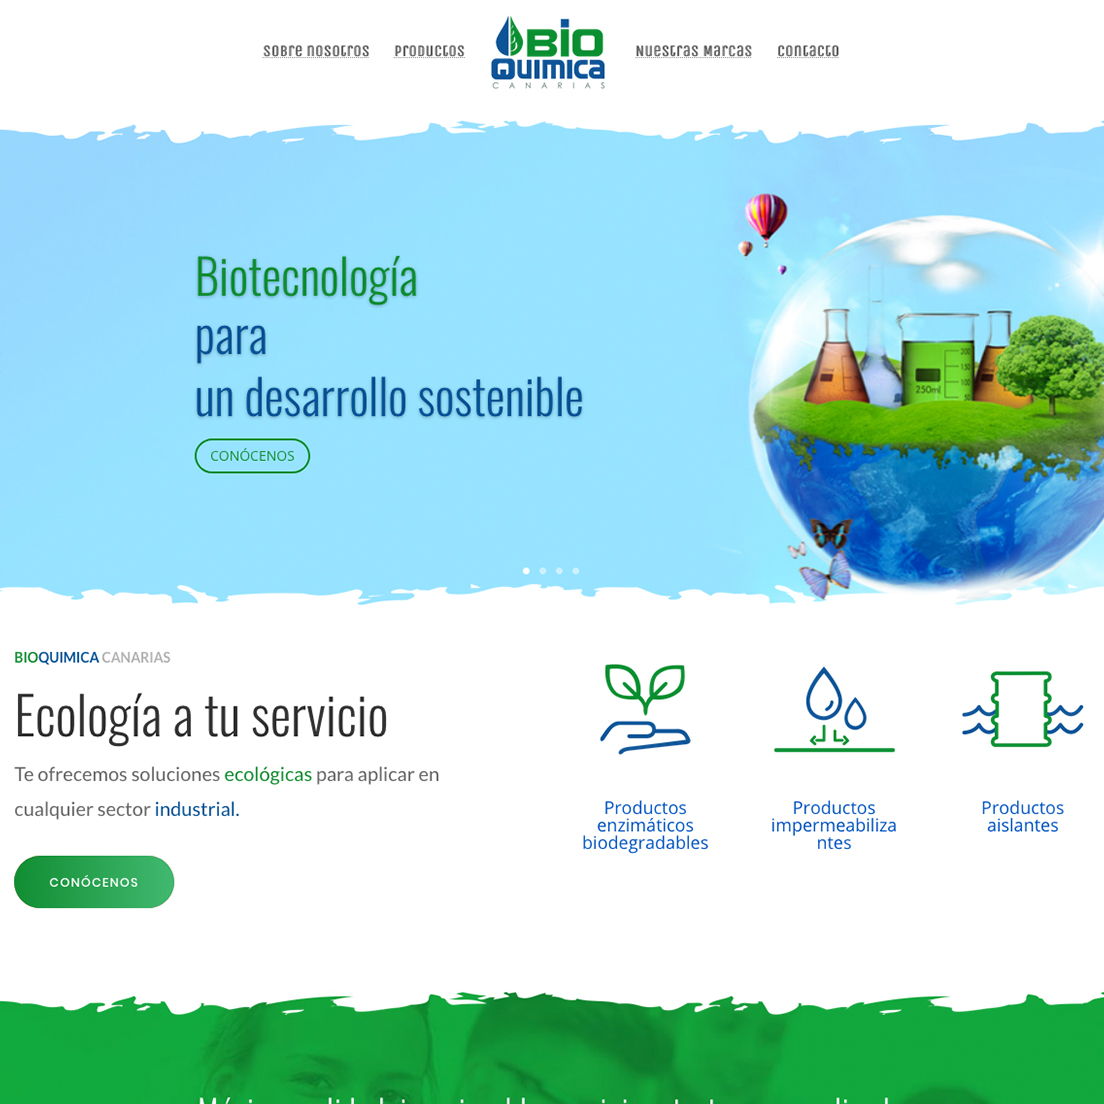 Bioquimica Canarias